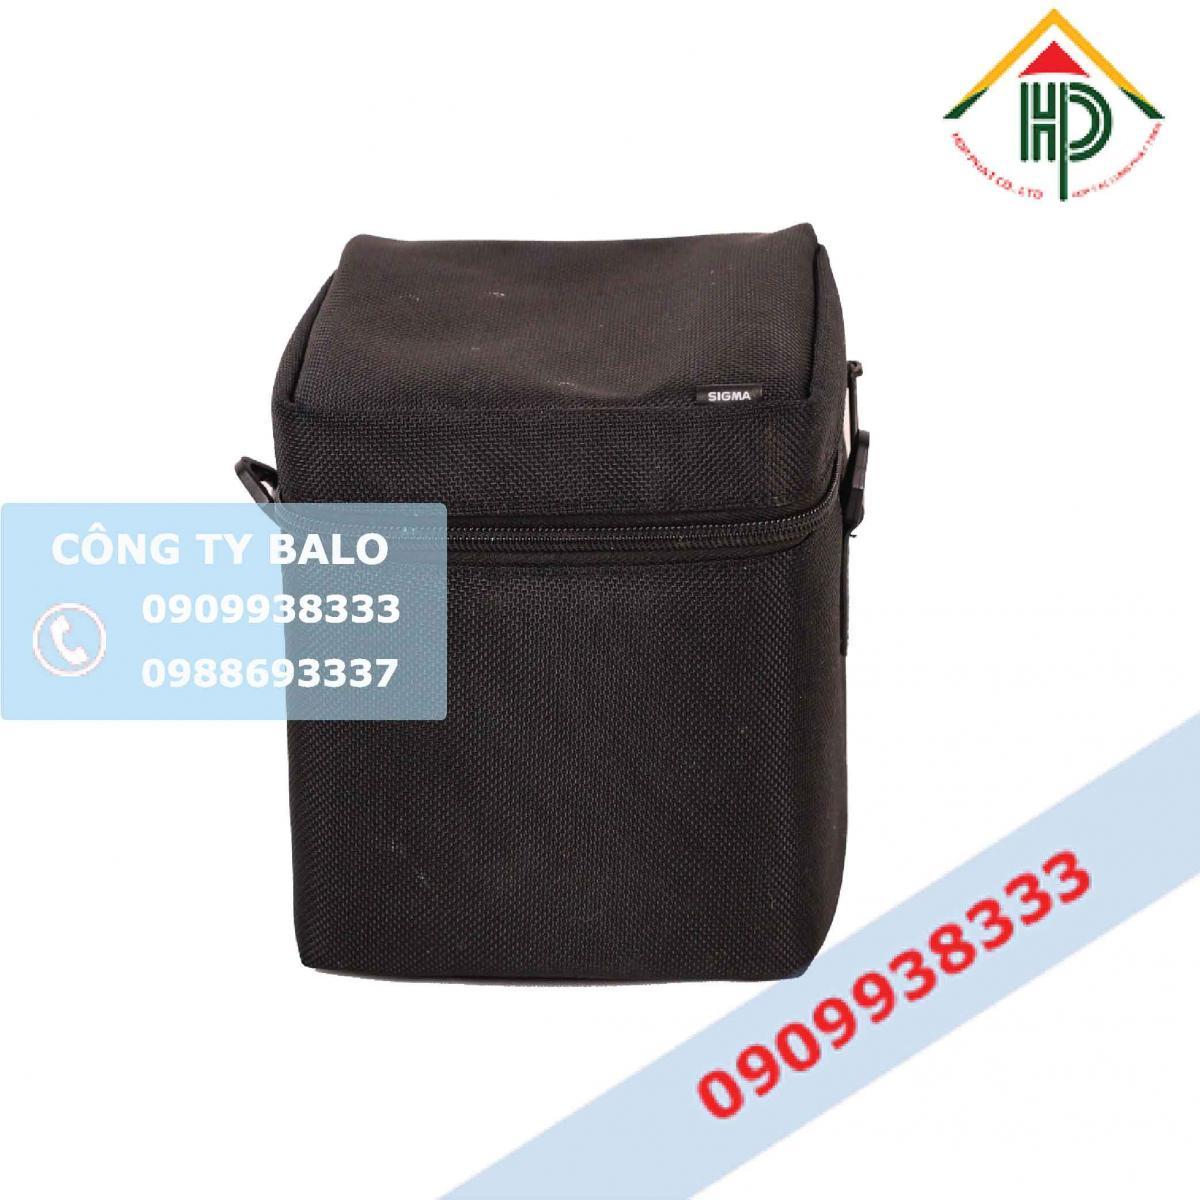 Túi giữ nhiệt SIGMA